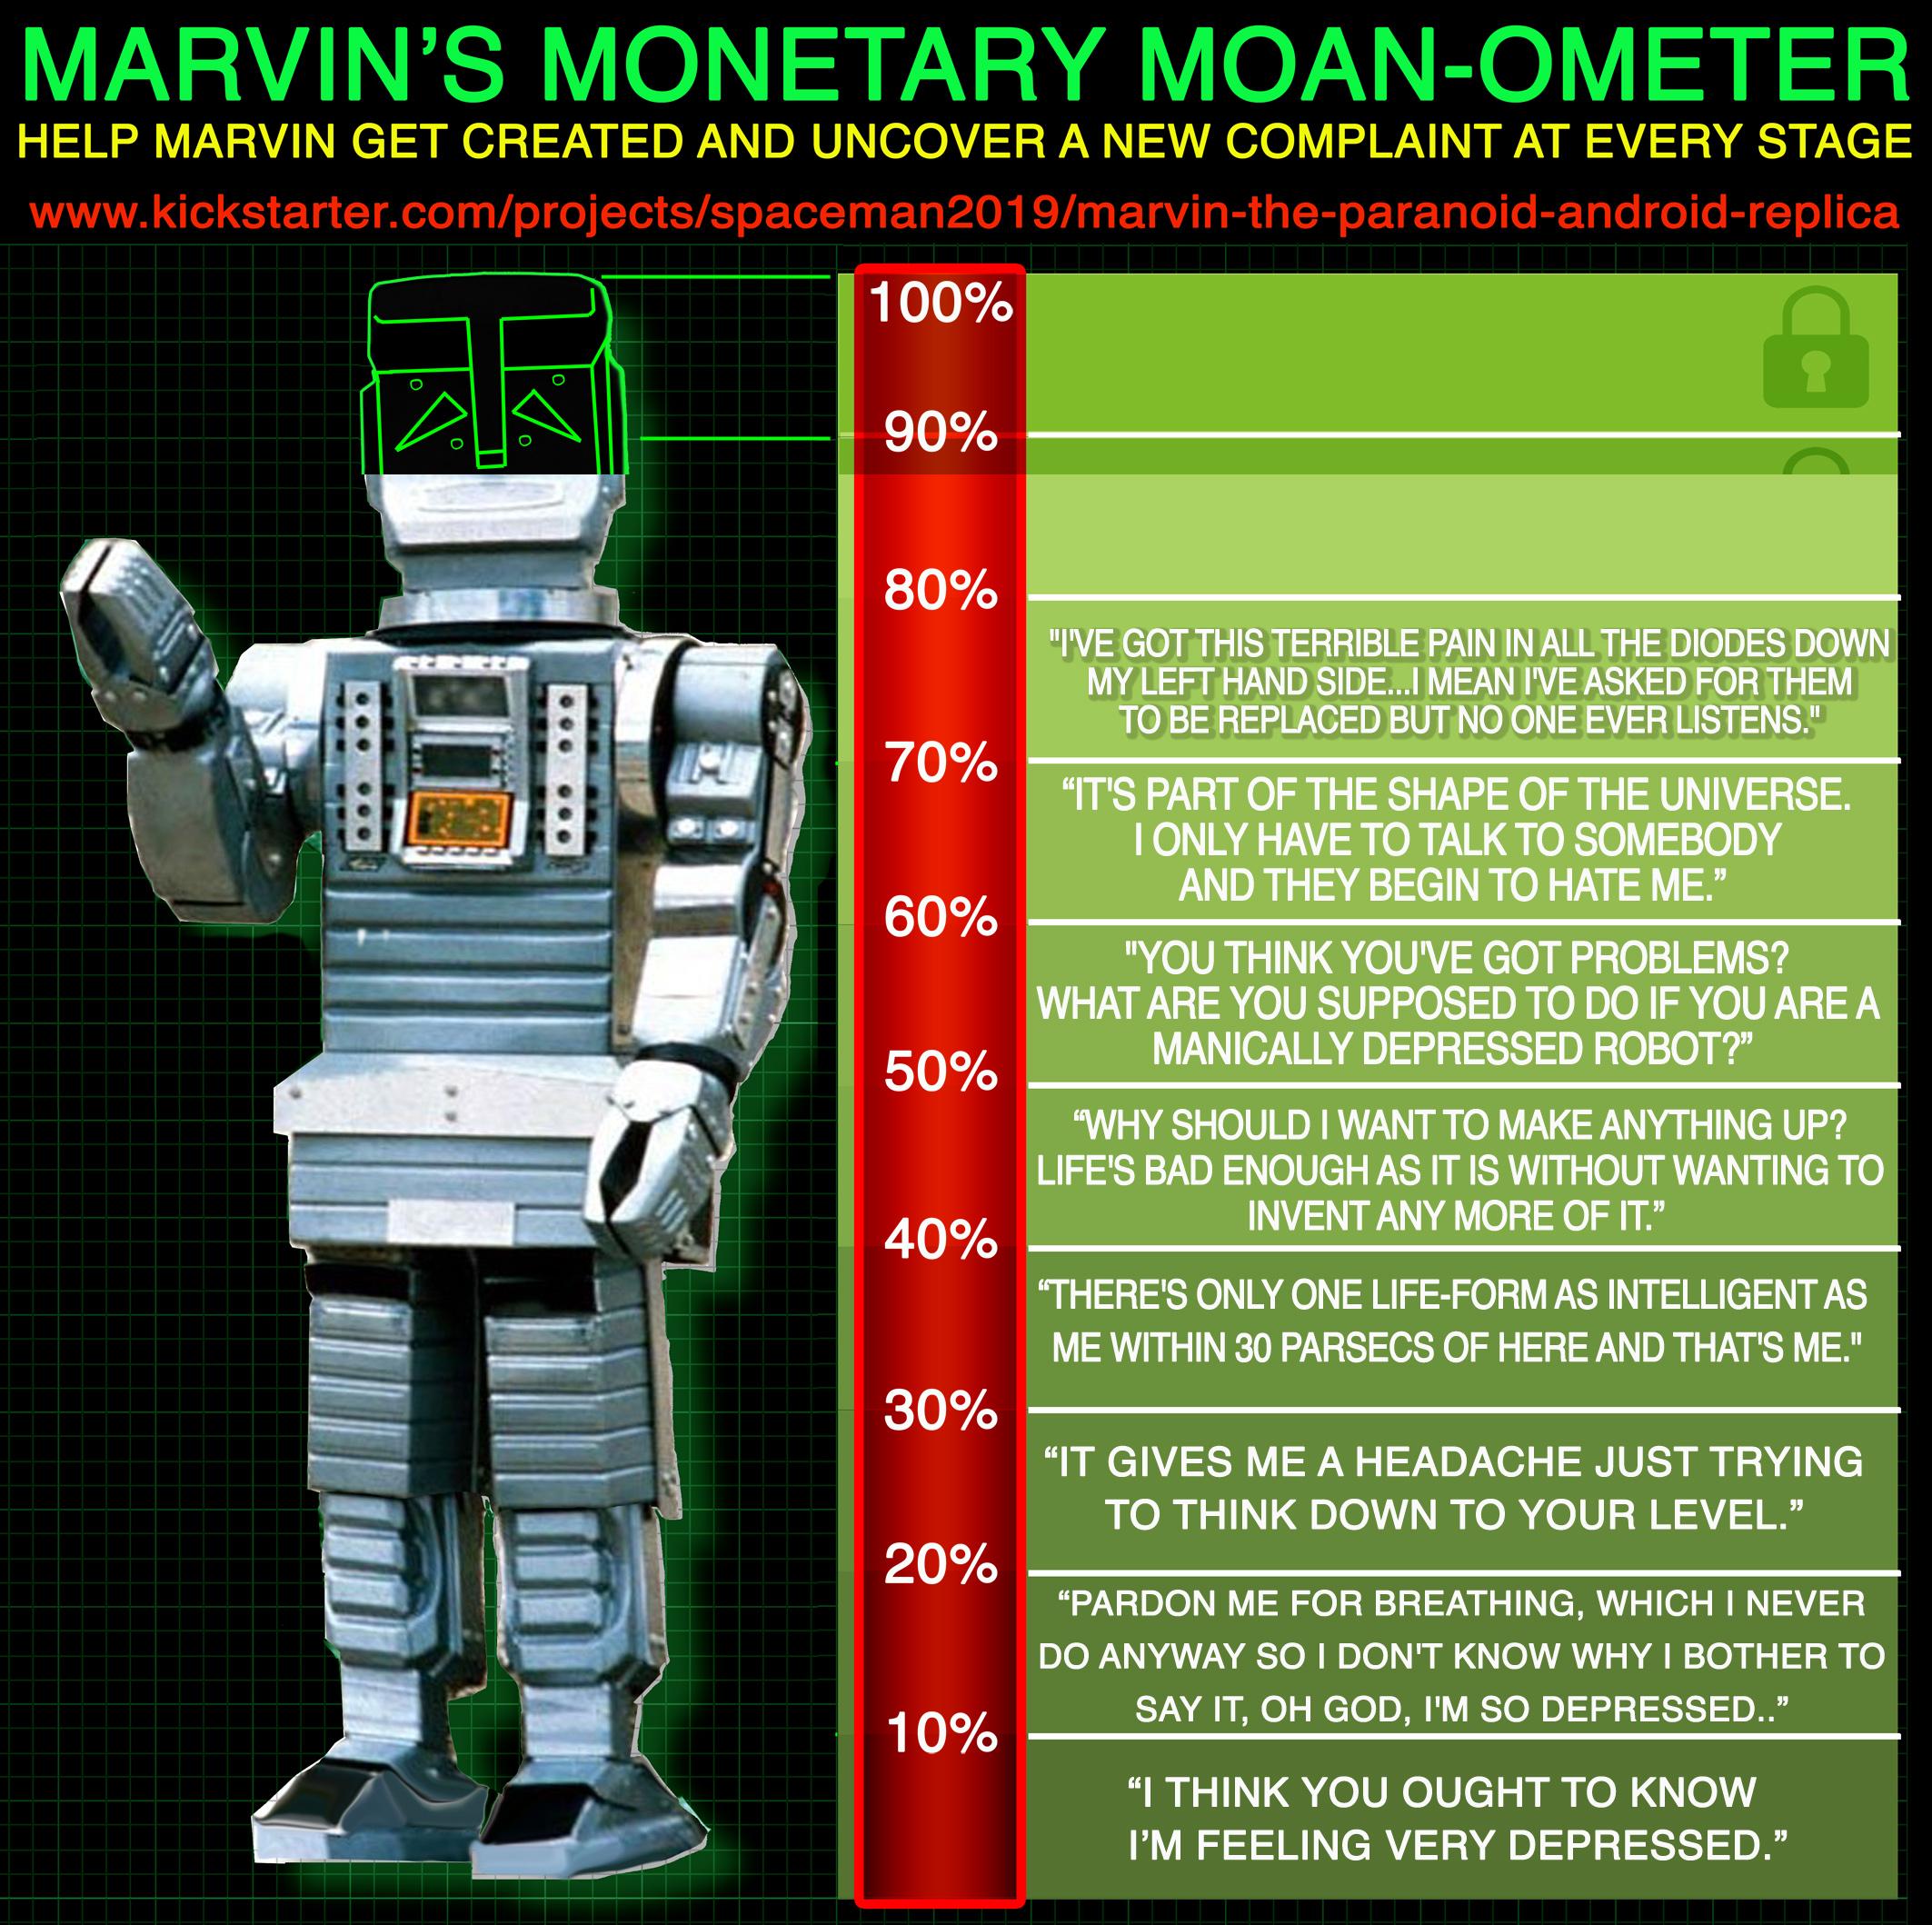 moneyometer 88.jpg